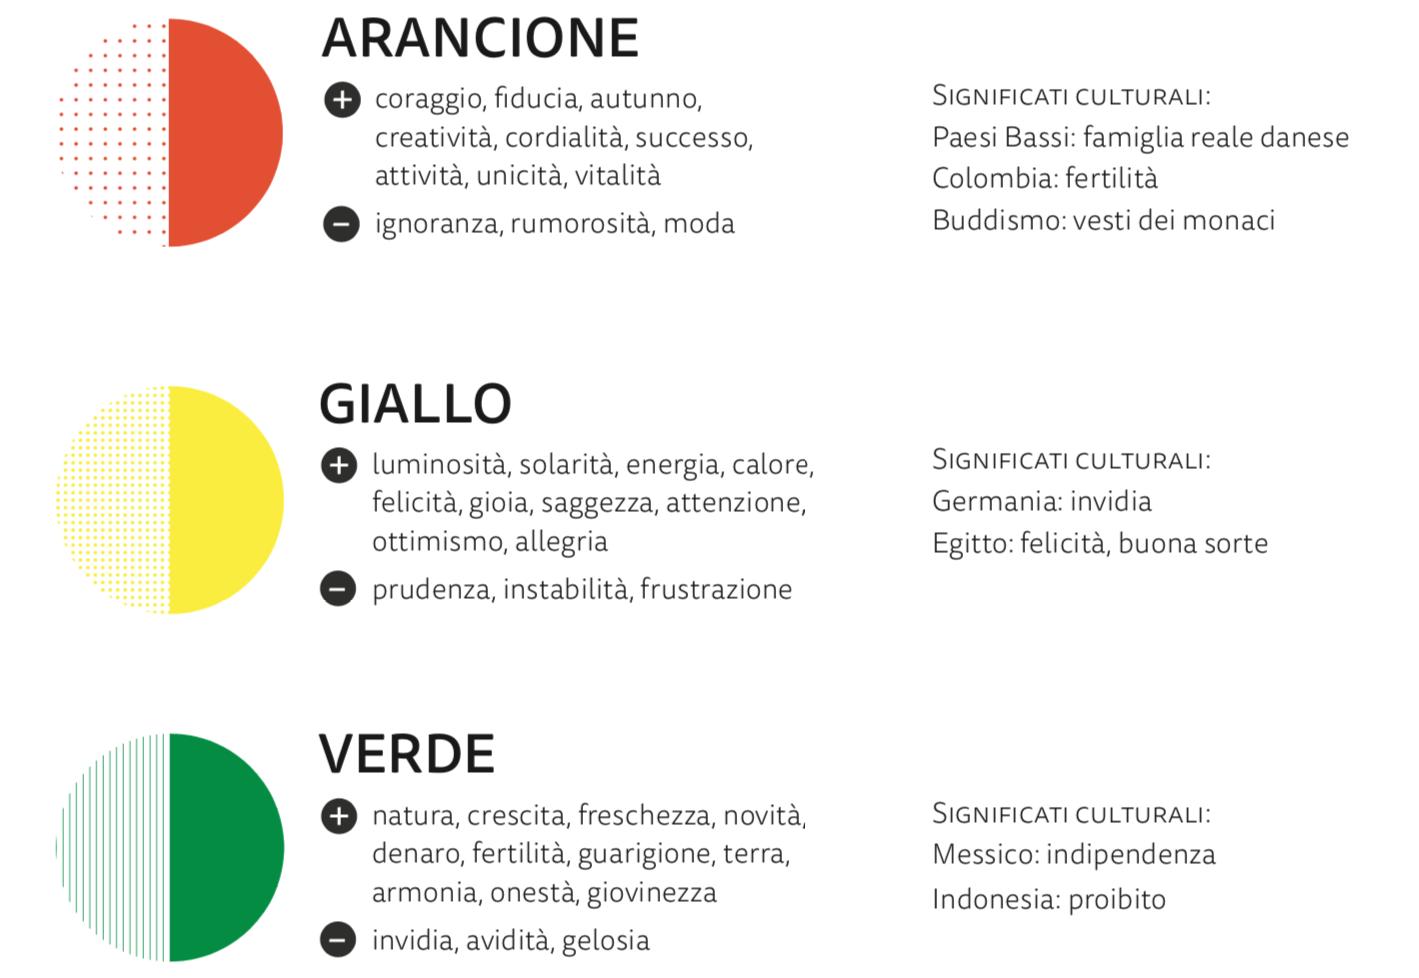 Effetti emozionali e culturali di alcuni colori molto usati